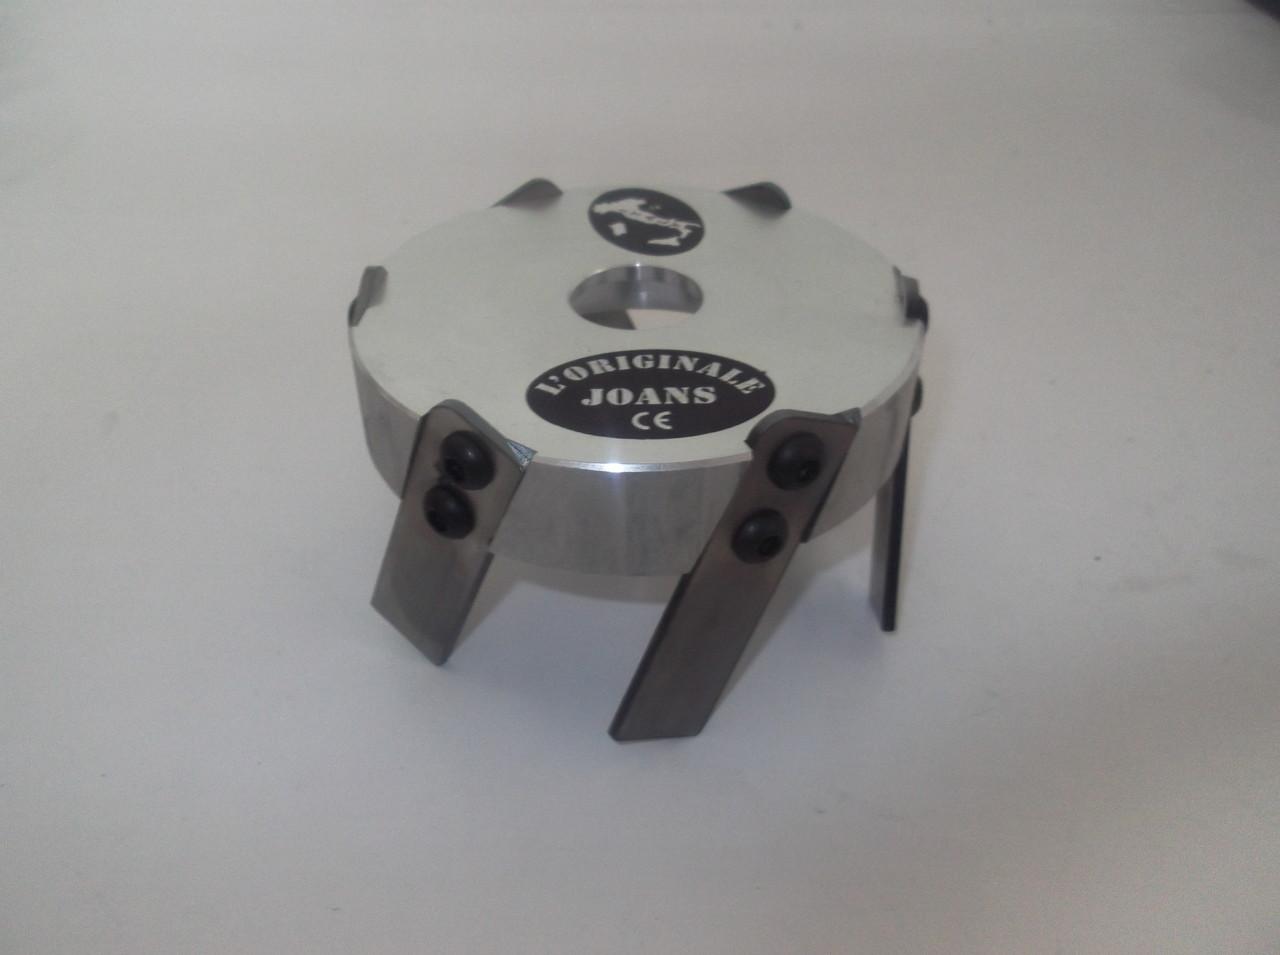 CONDENSATORE di avviamento motore Condensatore 100µf 450v 65x119mm linea m8 MIFLEX 100uf